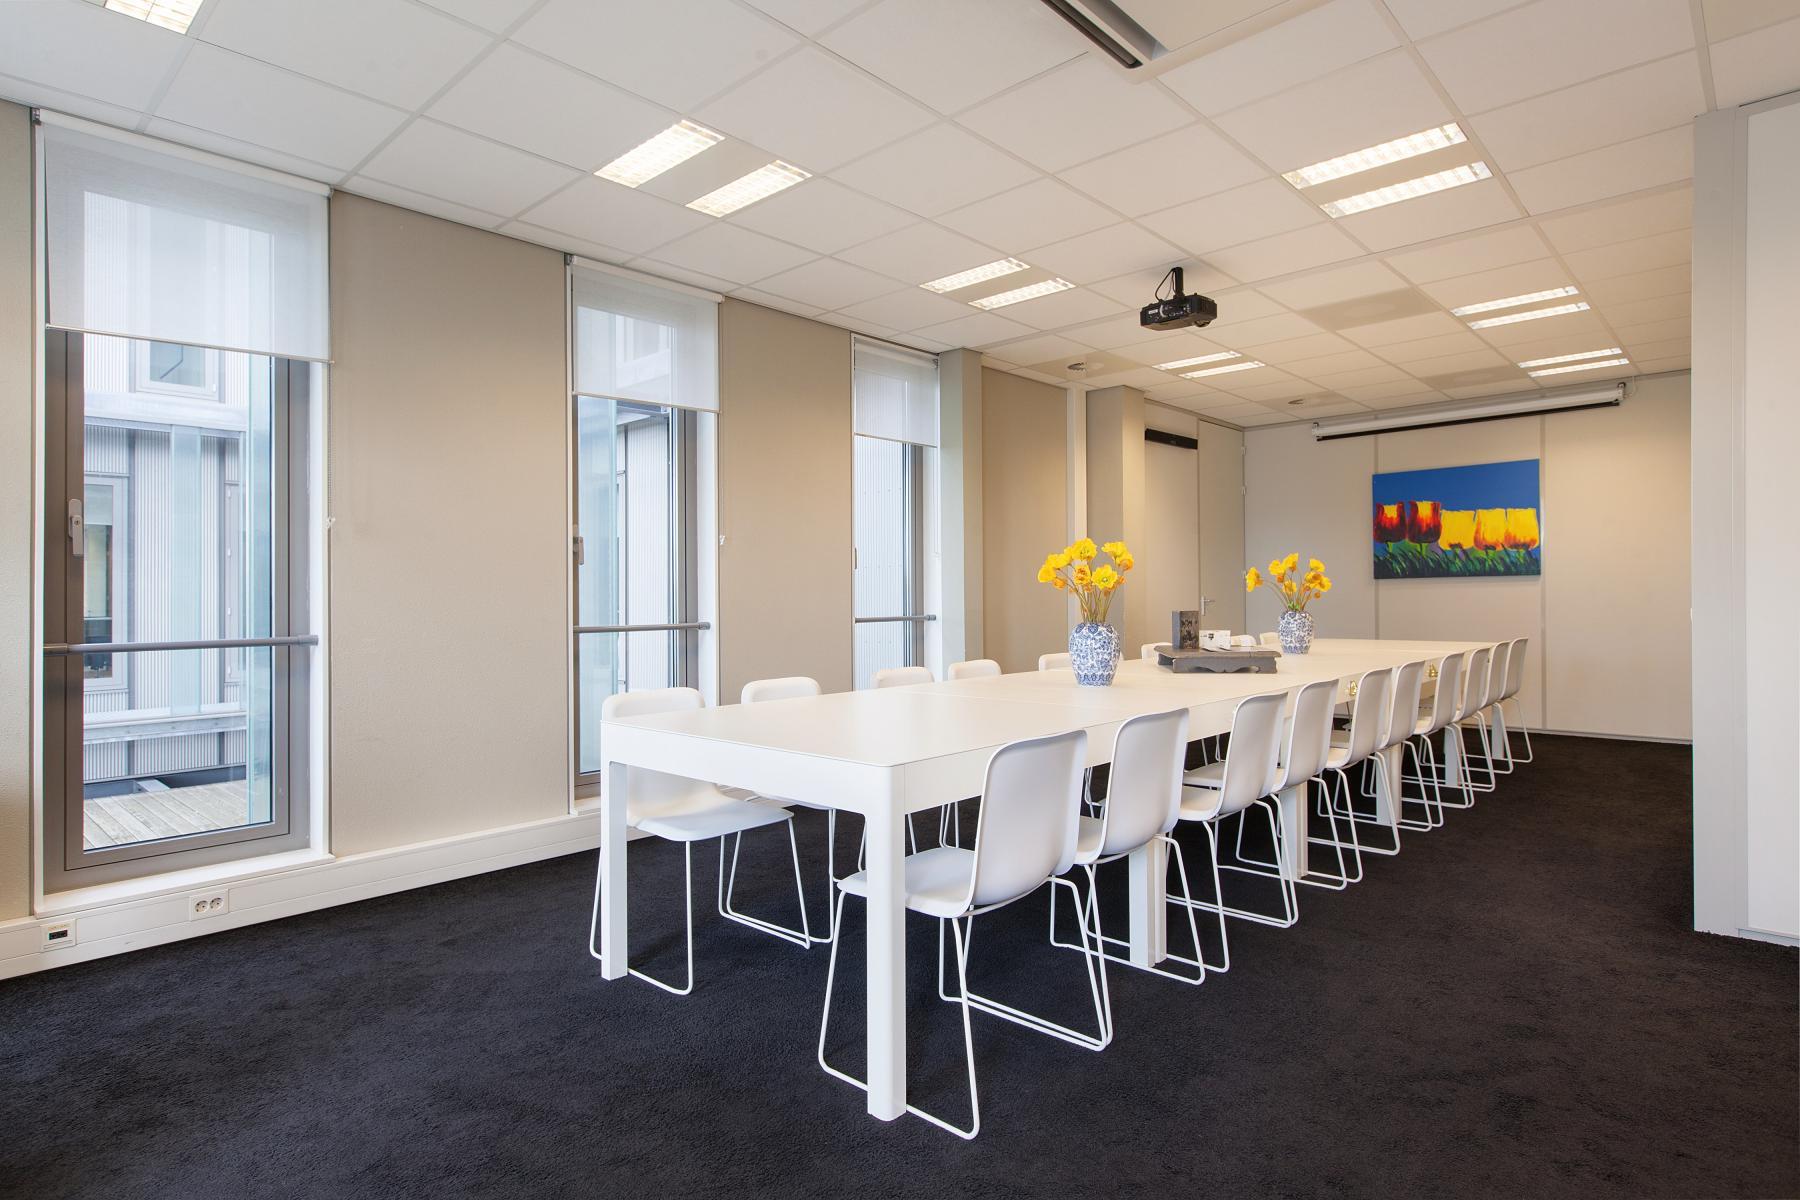 gemeubileerde vergaderruimte huren Utrecht Orteliuslaan